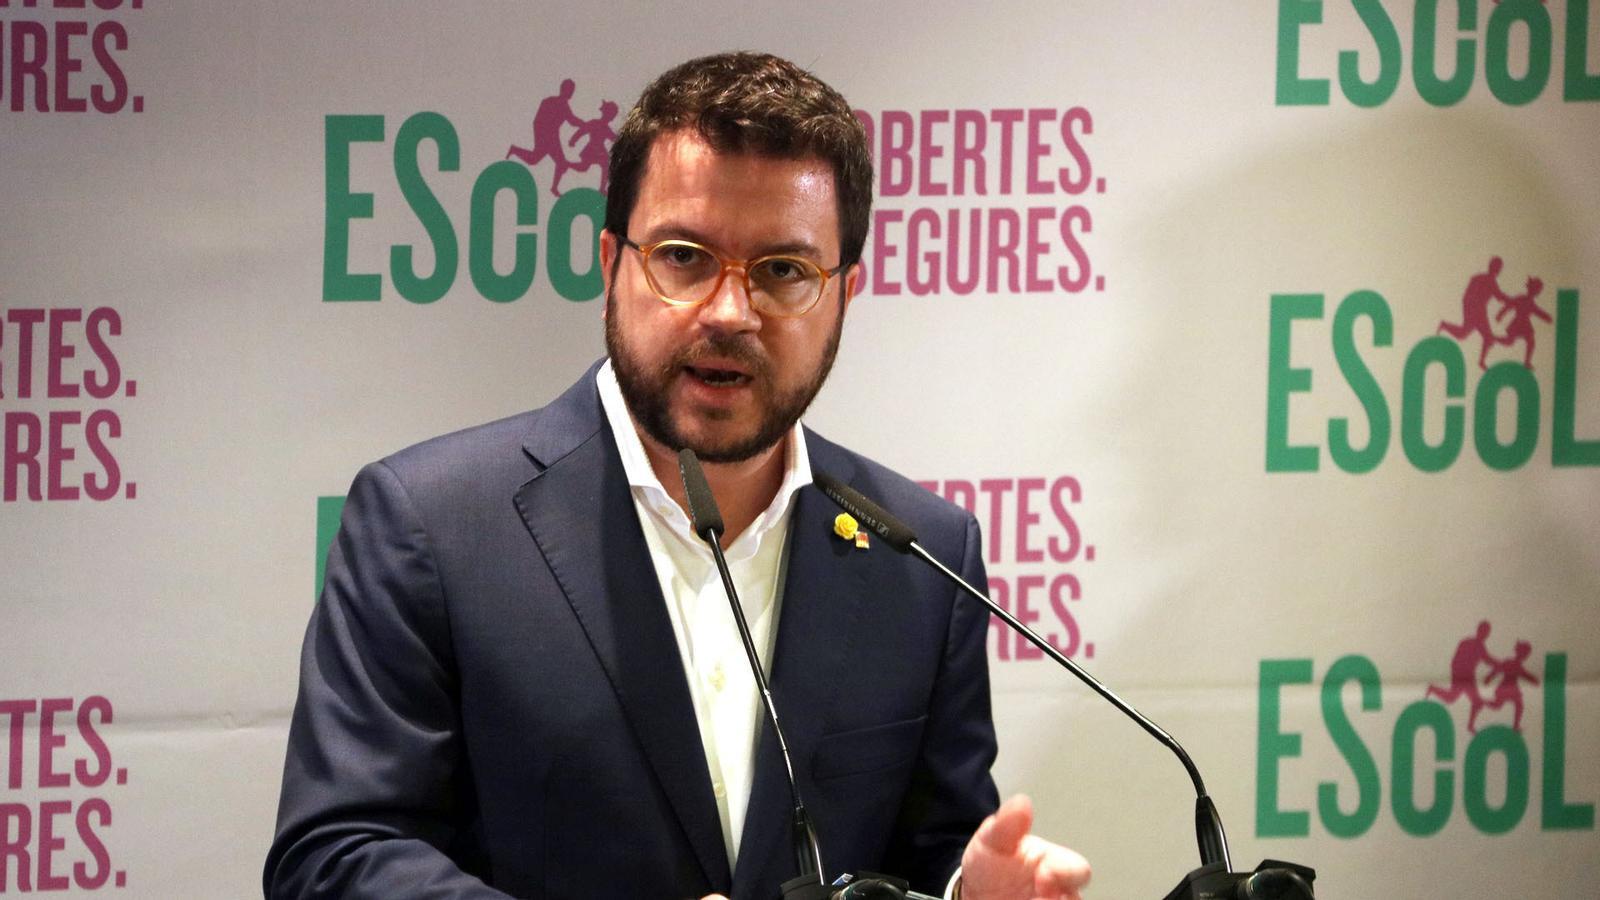 L'anàlisi d'Antoni Bassas: 'El Govern i les escoles'